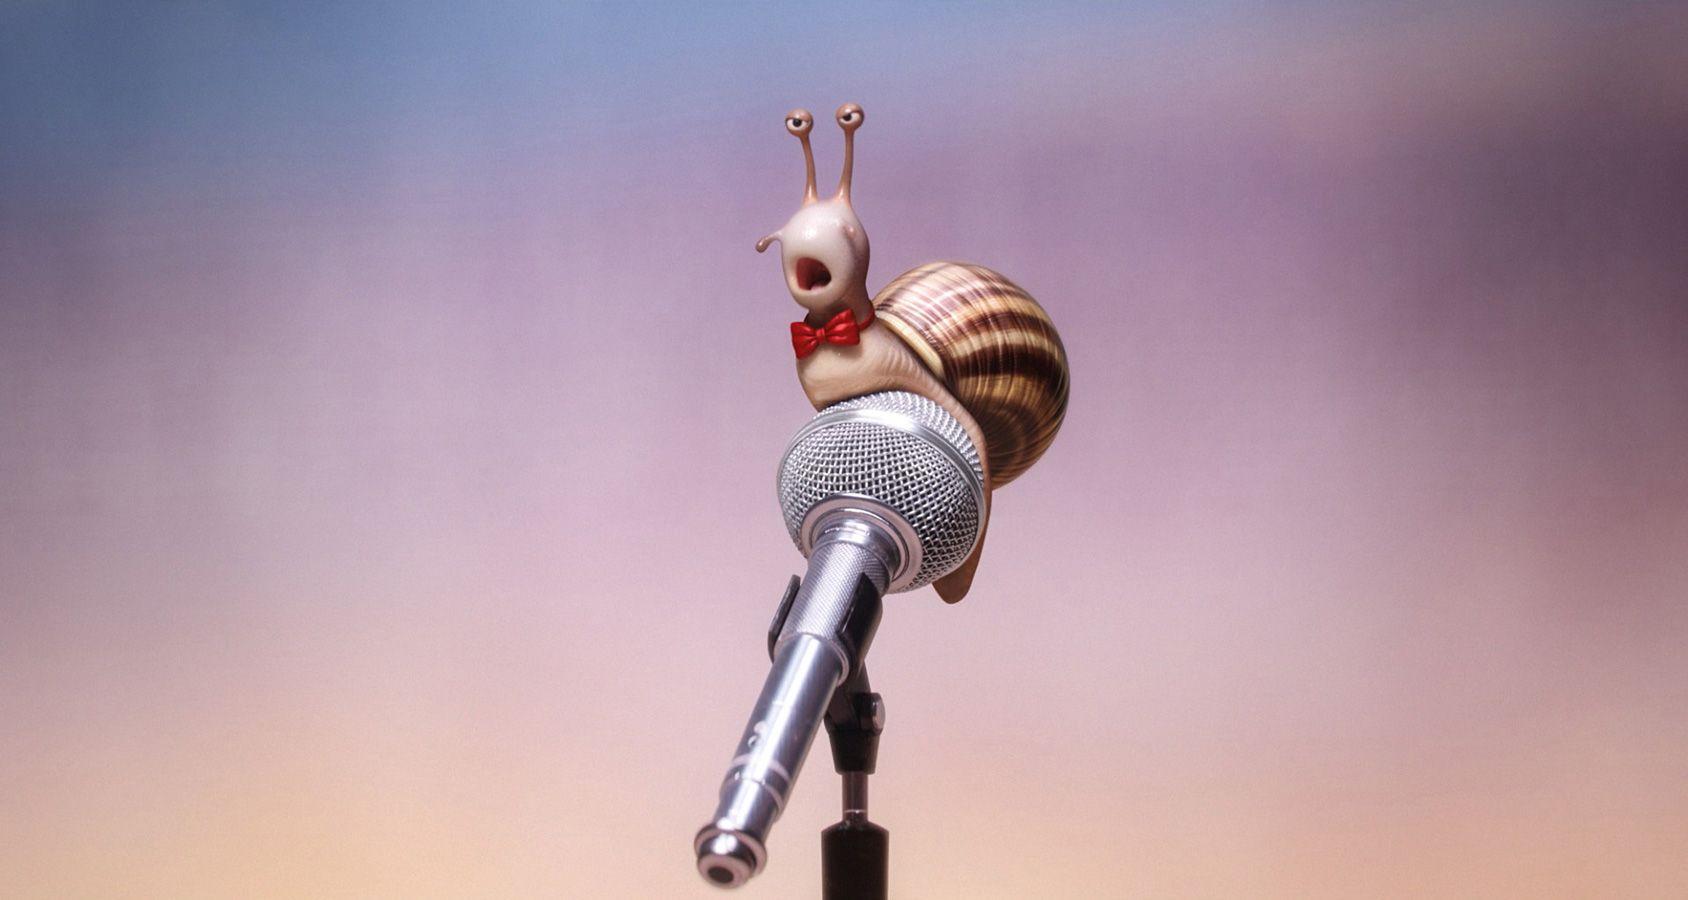 Sing In Theaters December 21st Peliculas De Animacion Peliculas Concursos De Canto